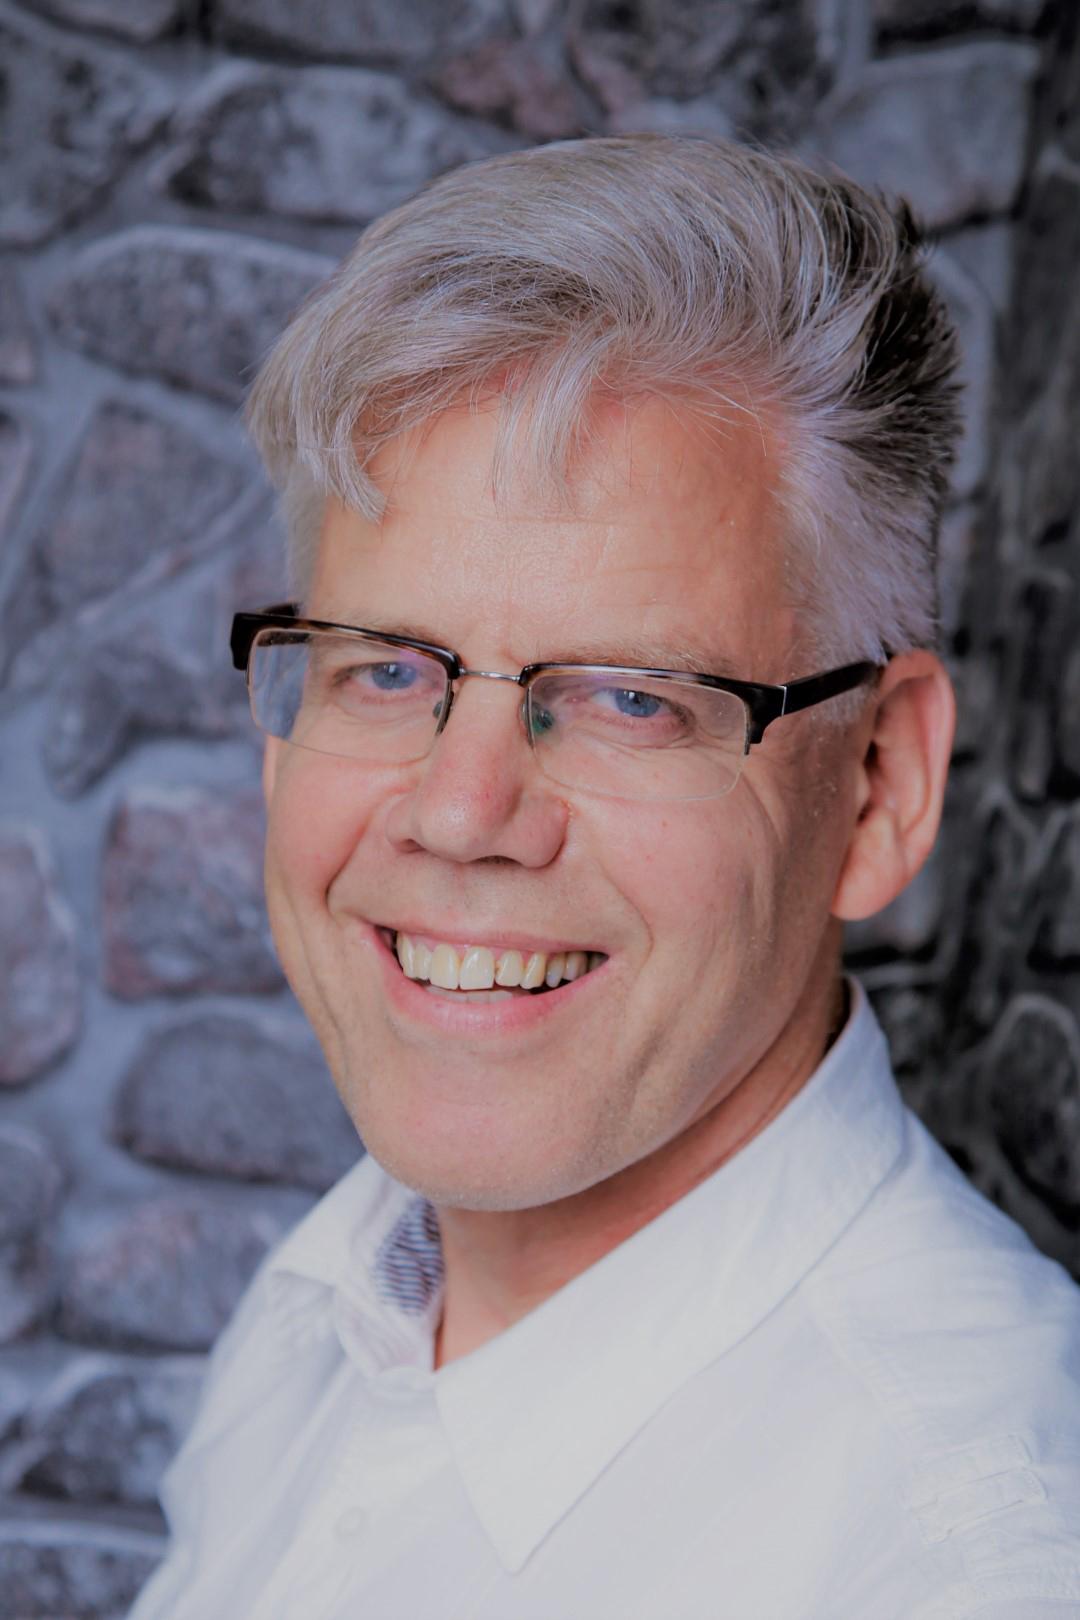 Das Bild zeigt Peter Snoek